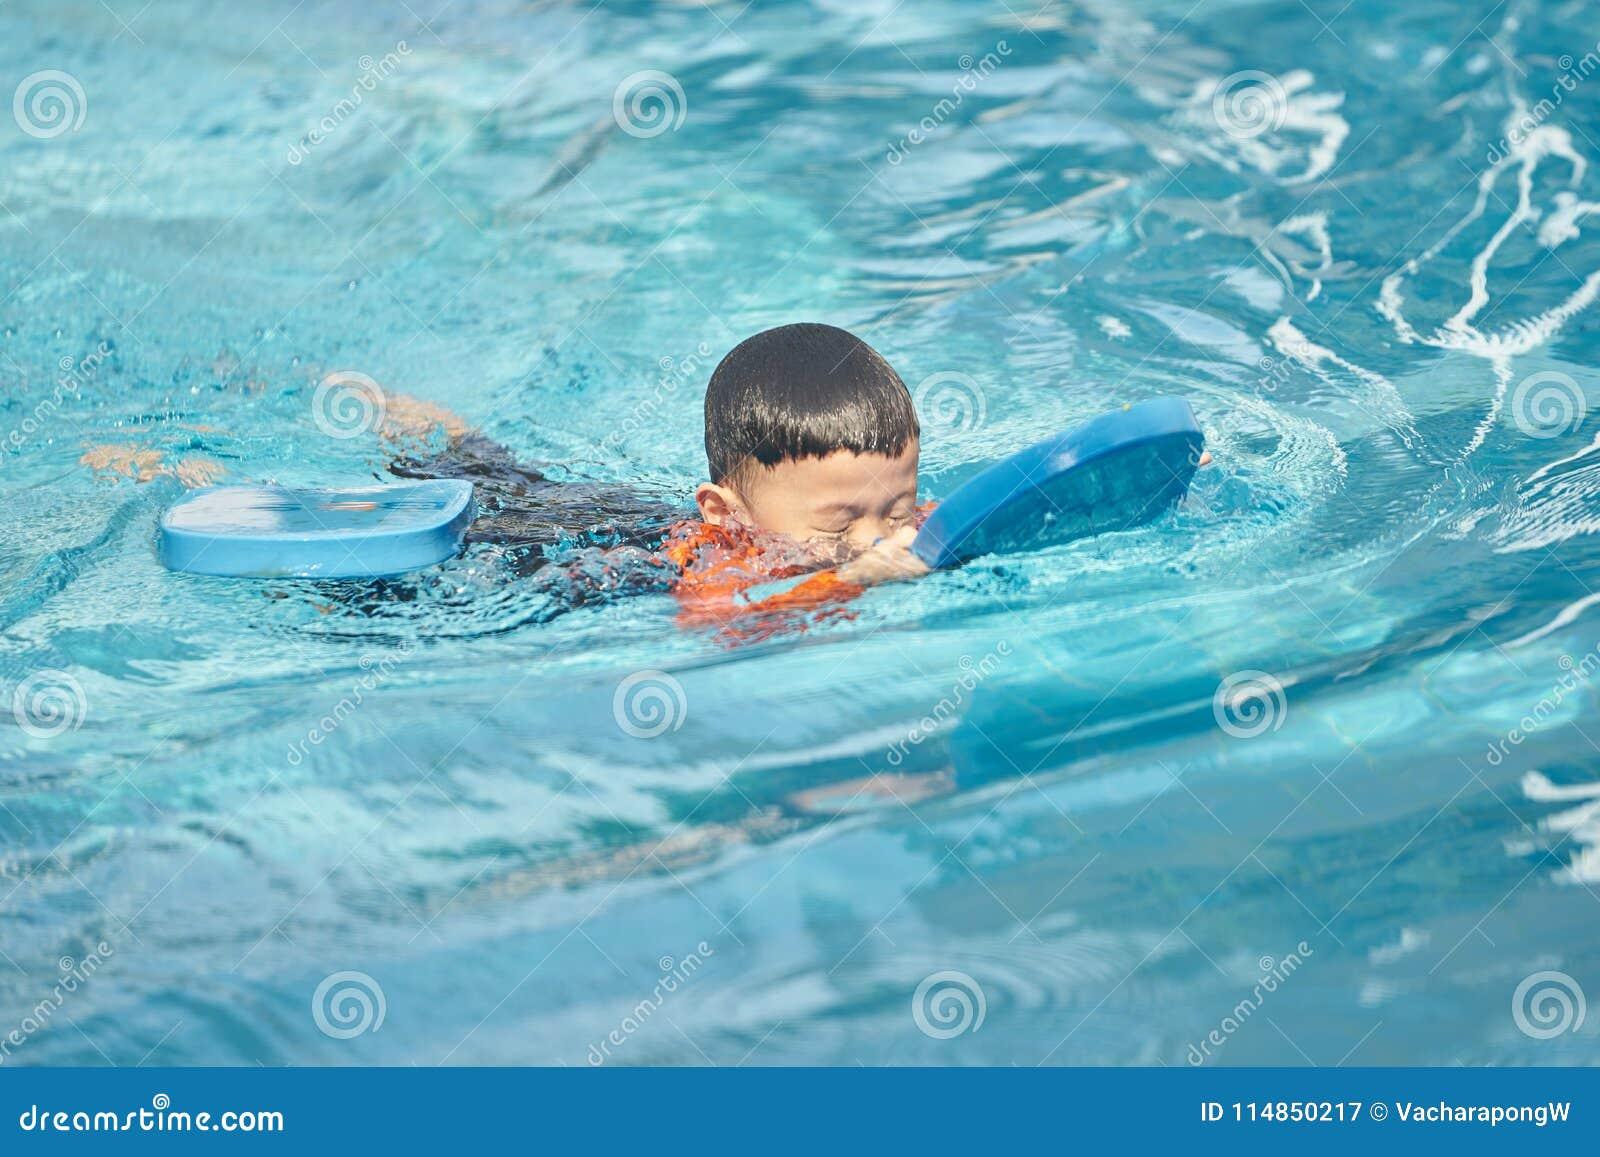 El muchacho practica el nadar con el flotador del cojín de goma espuma en agua